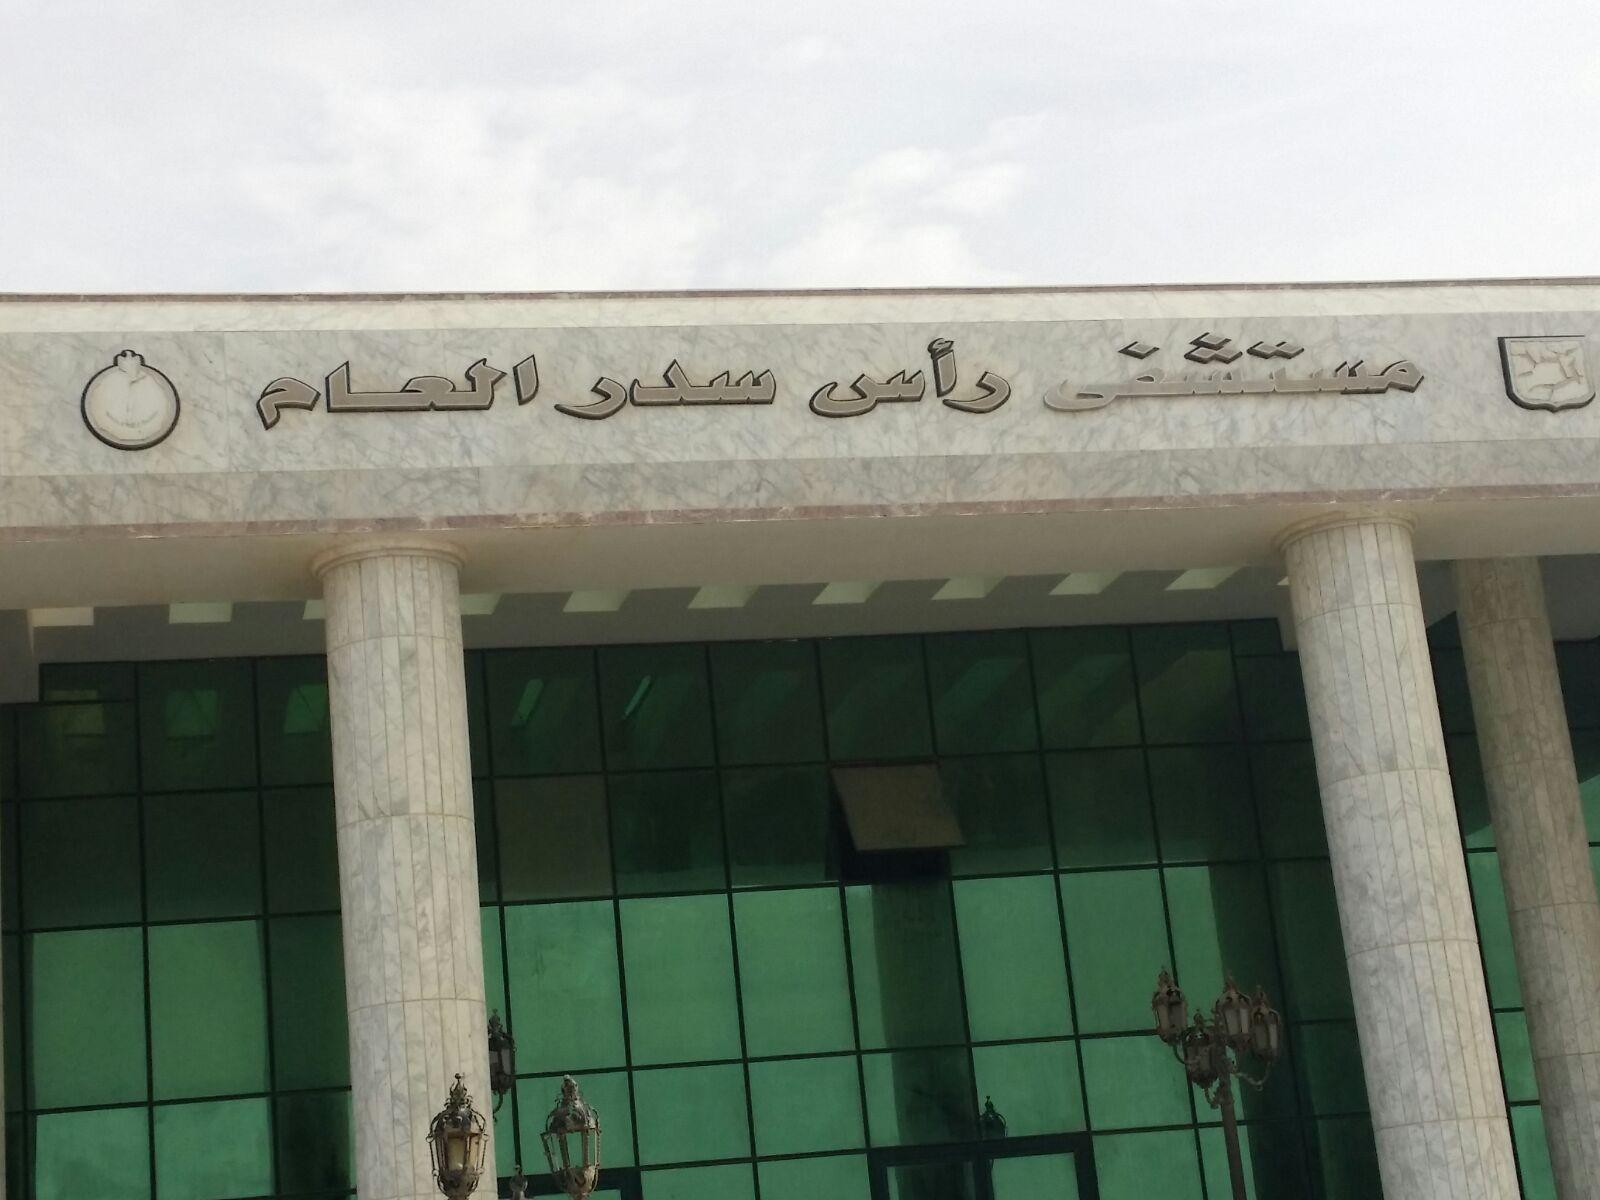 مصرع شخص وإصابة آخر في حادث تصادم برأس سدر بجنوب سيناء